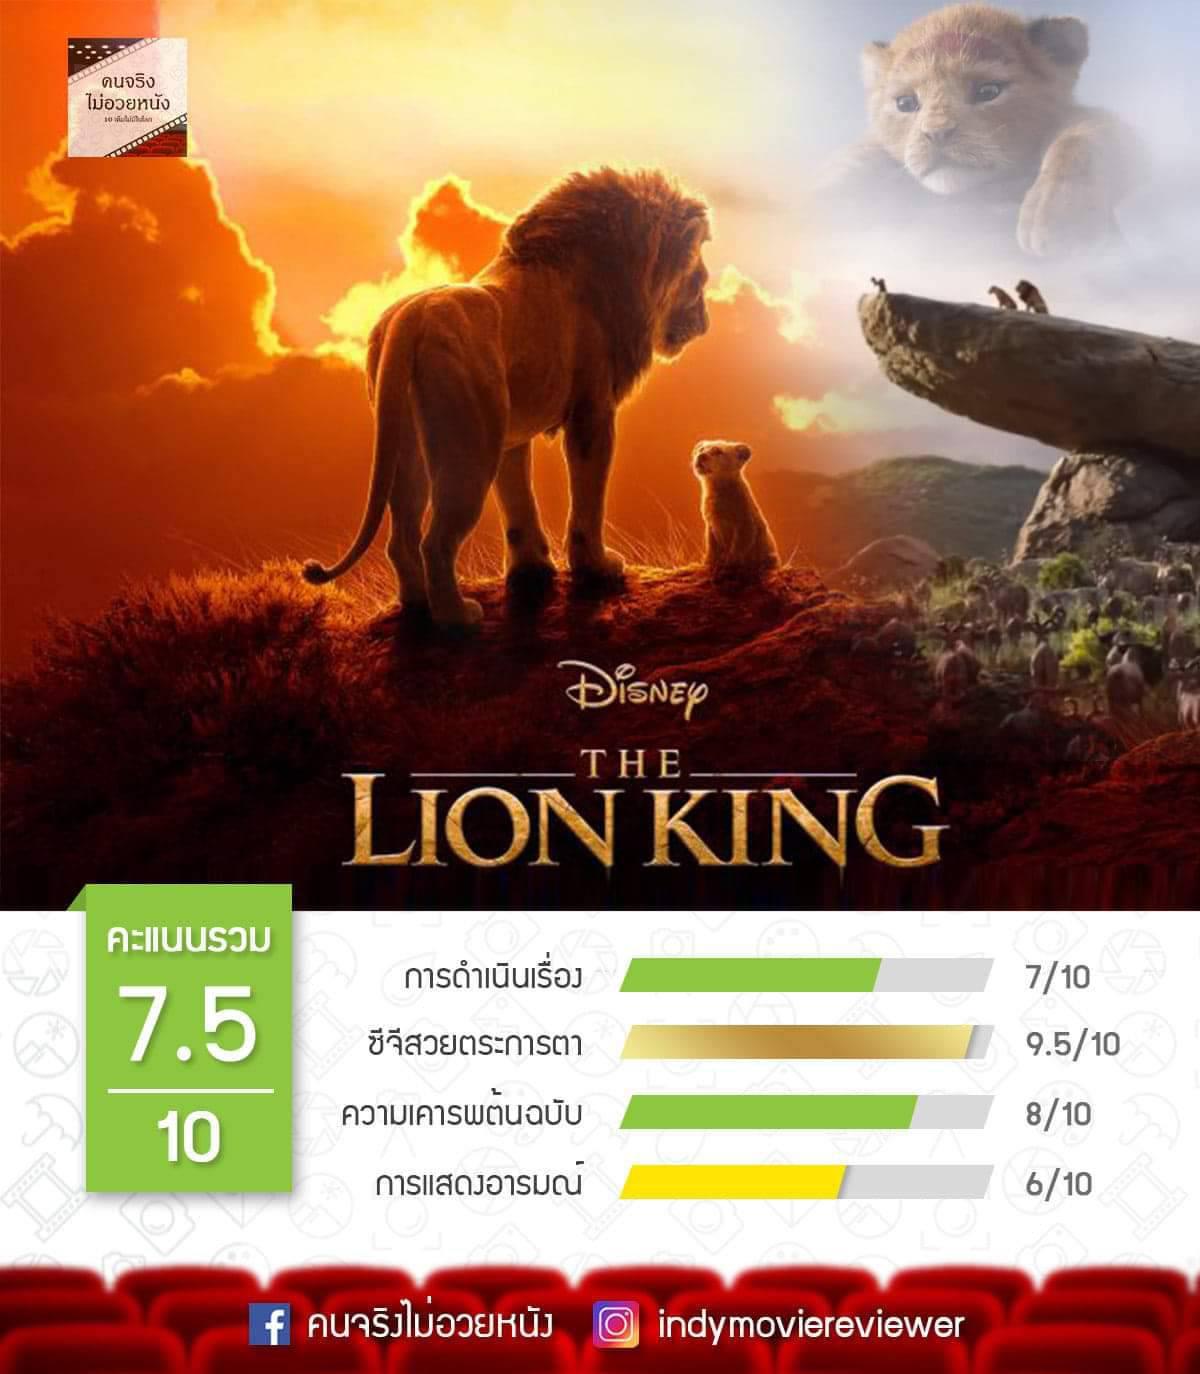 รวว Lion King 2019 7510 คะแนน อาซเพนยา ซมบาเจา